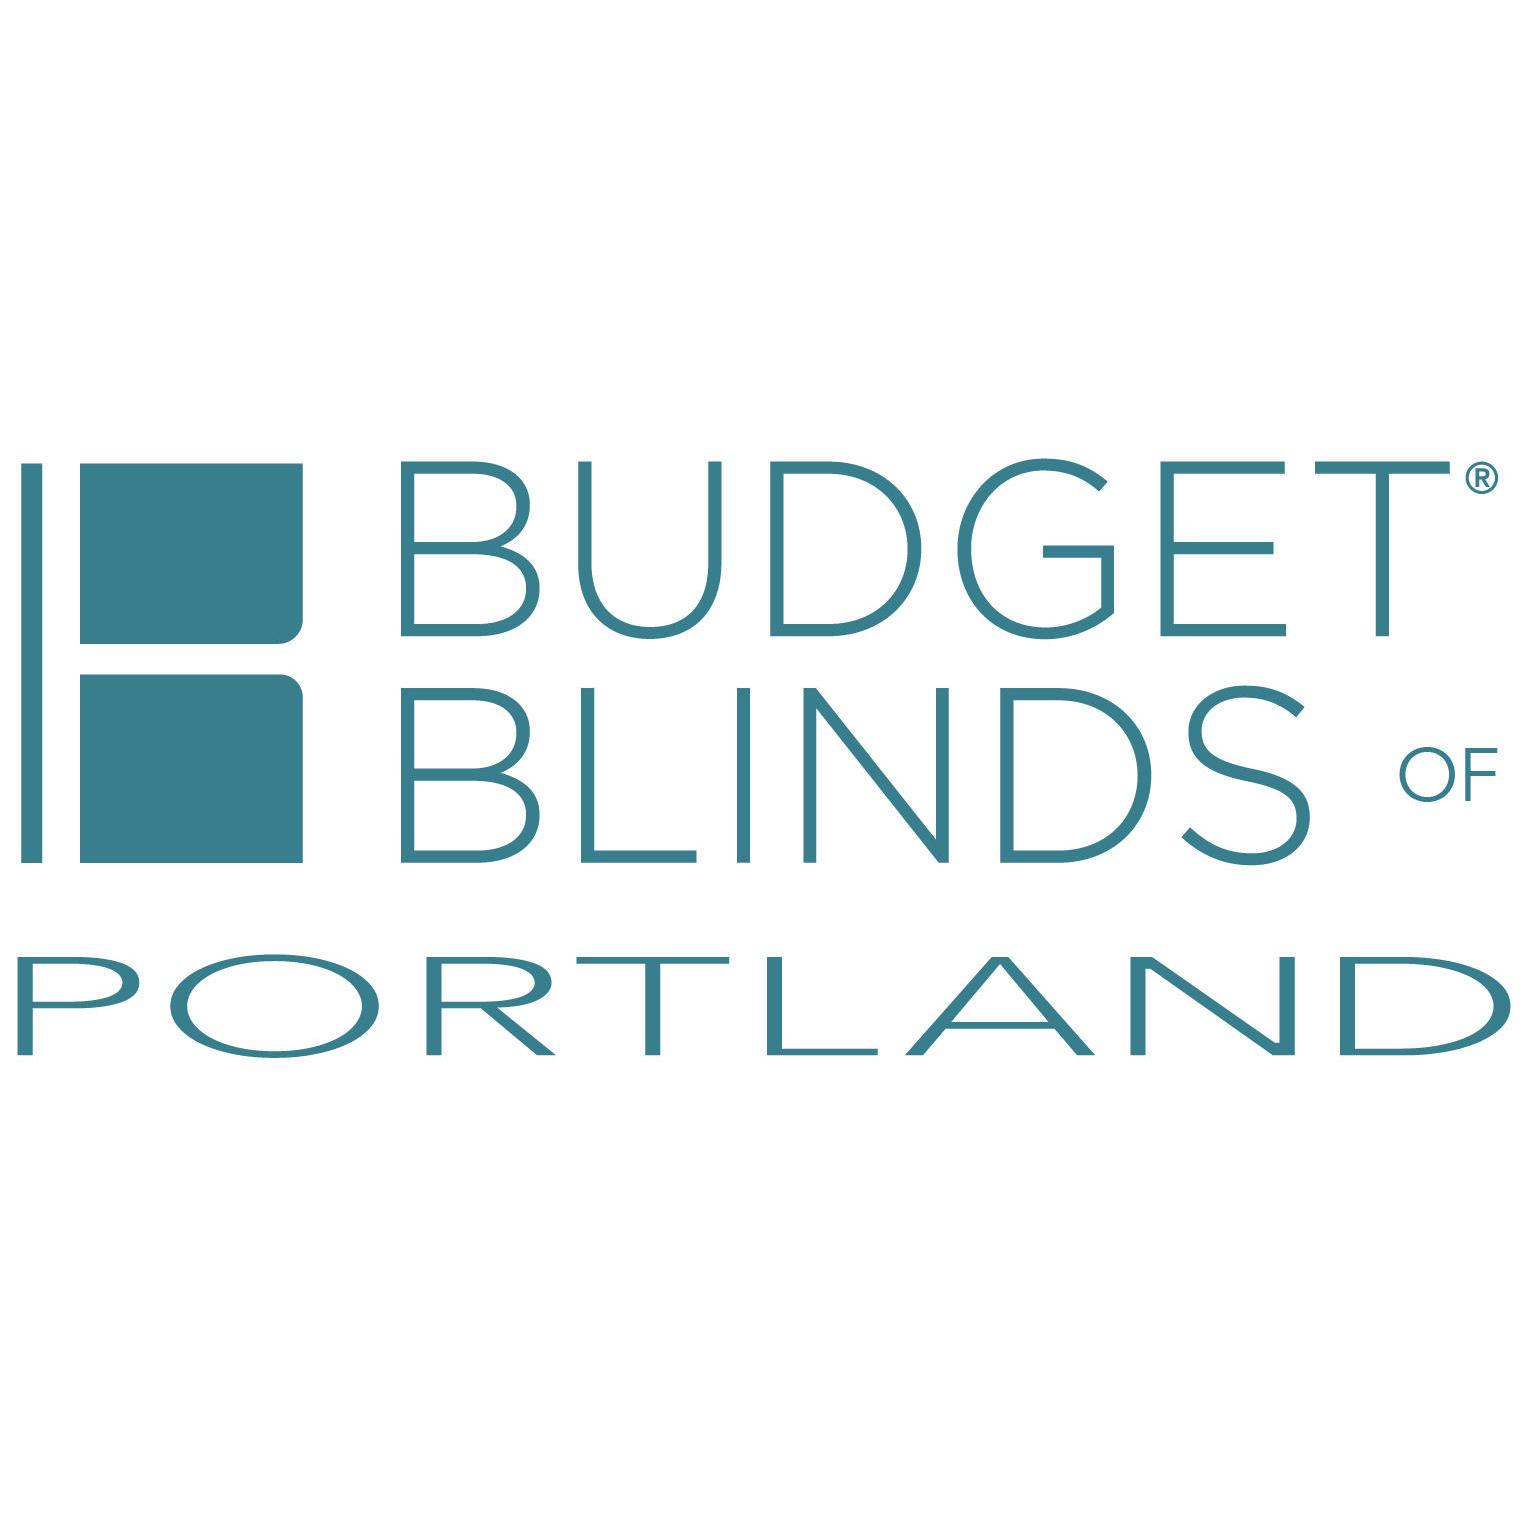 Budget Blinds of Portland